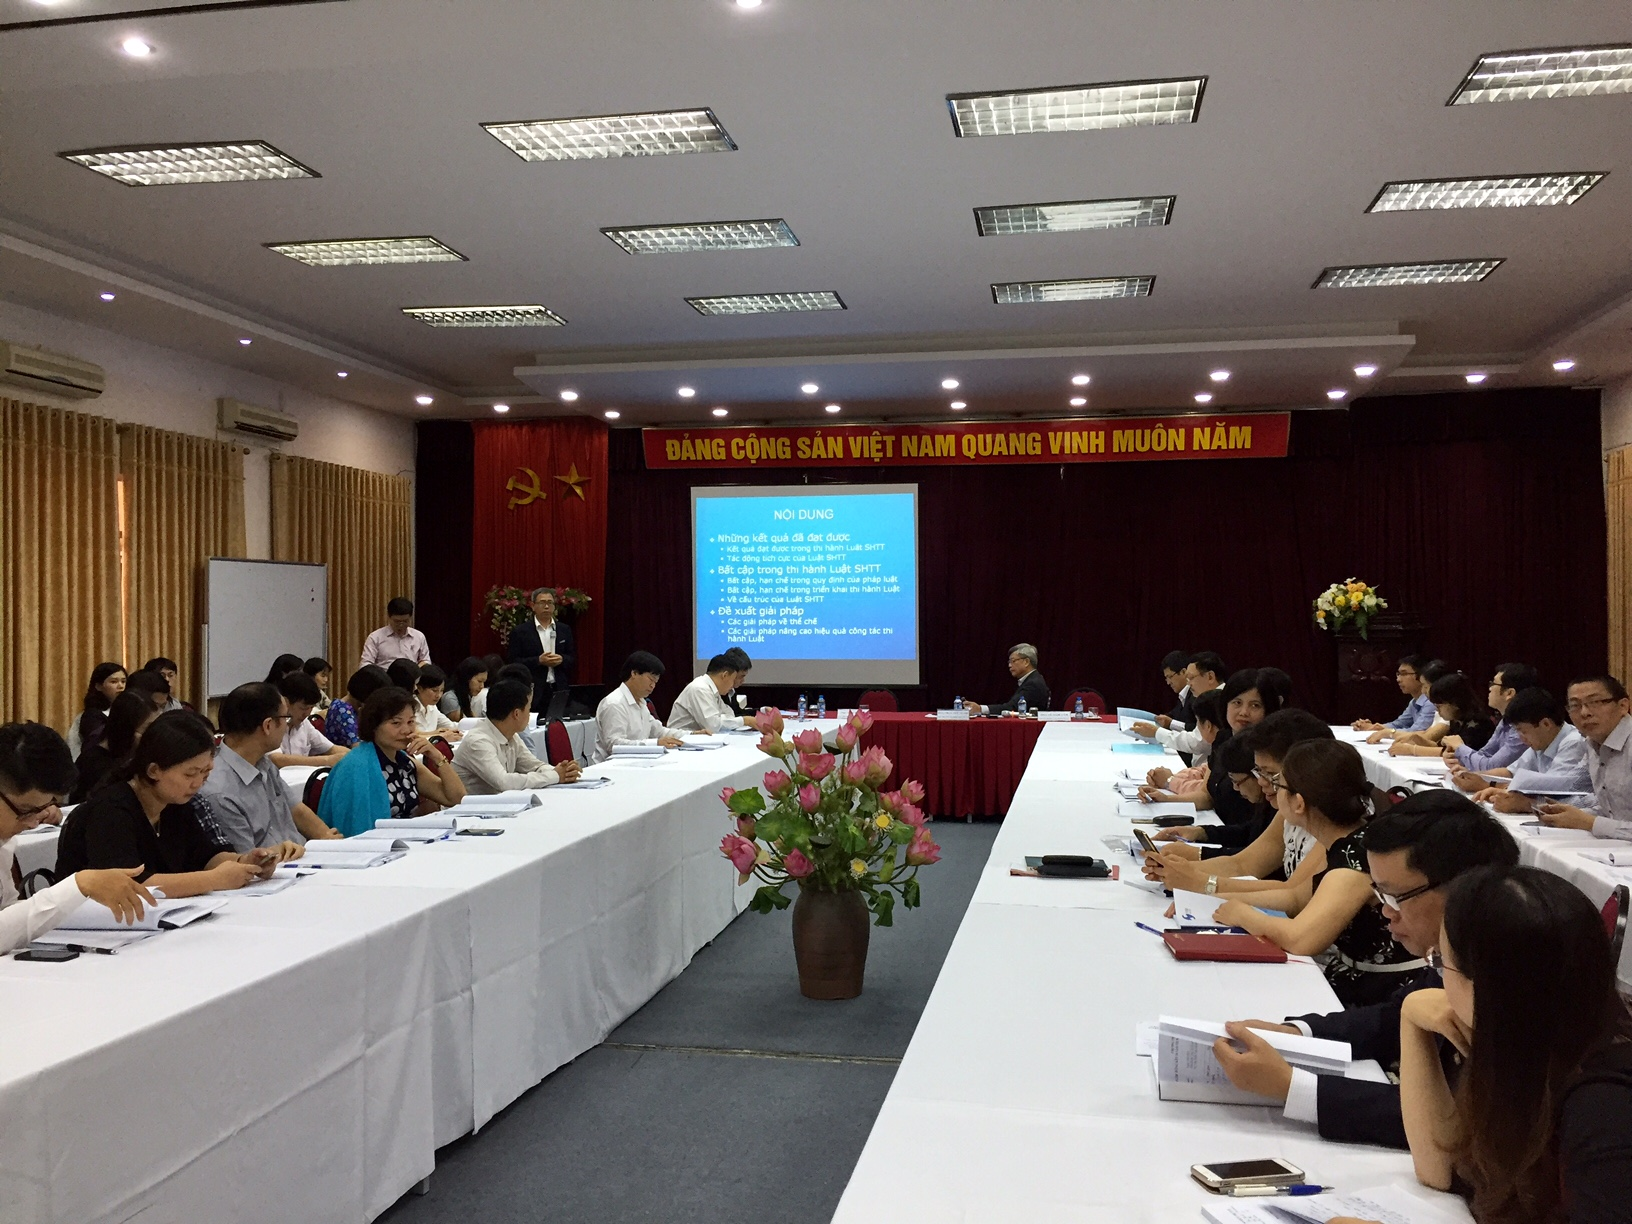 Hội nghị Tổng kết 10 năm thi hành Luật Sở hữu trí tuệ